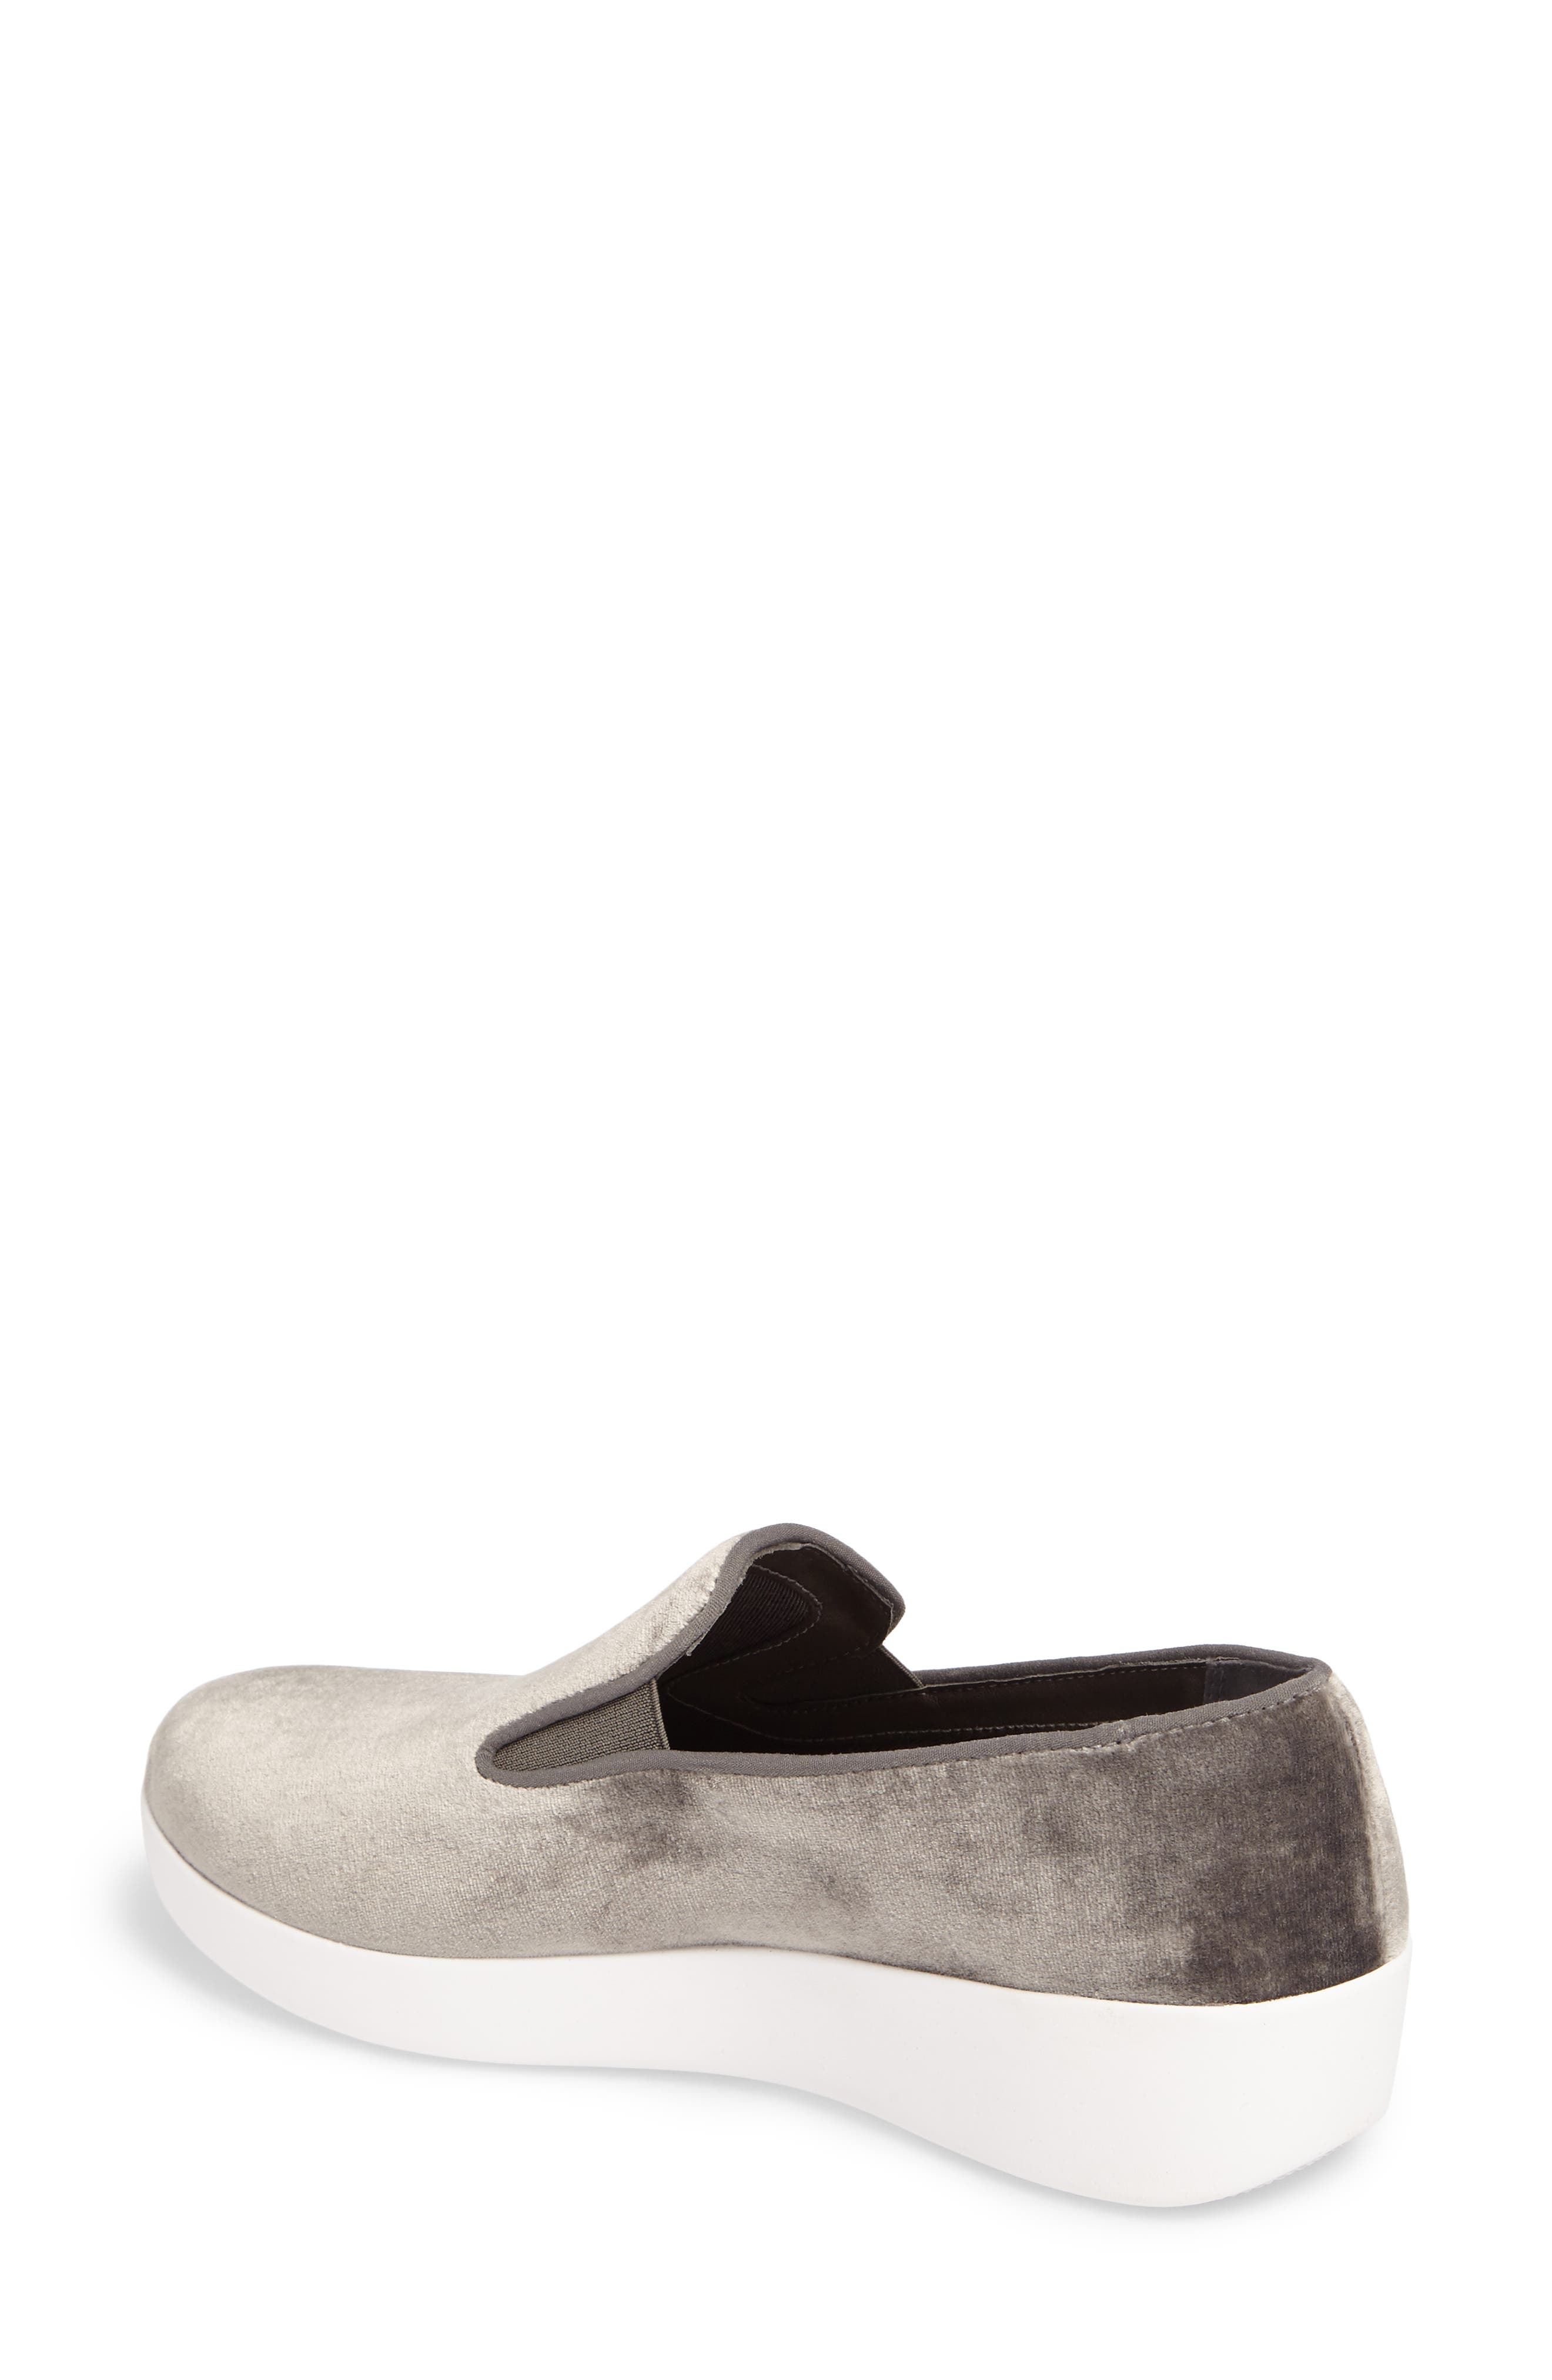 Superskate Slip-On Sneaker,                             Alternate thumbnail 2, color,                             040